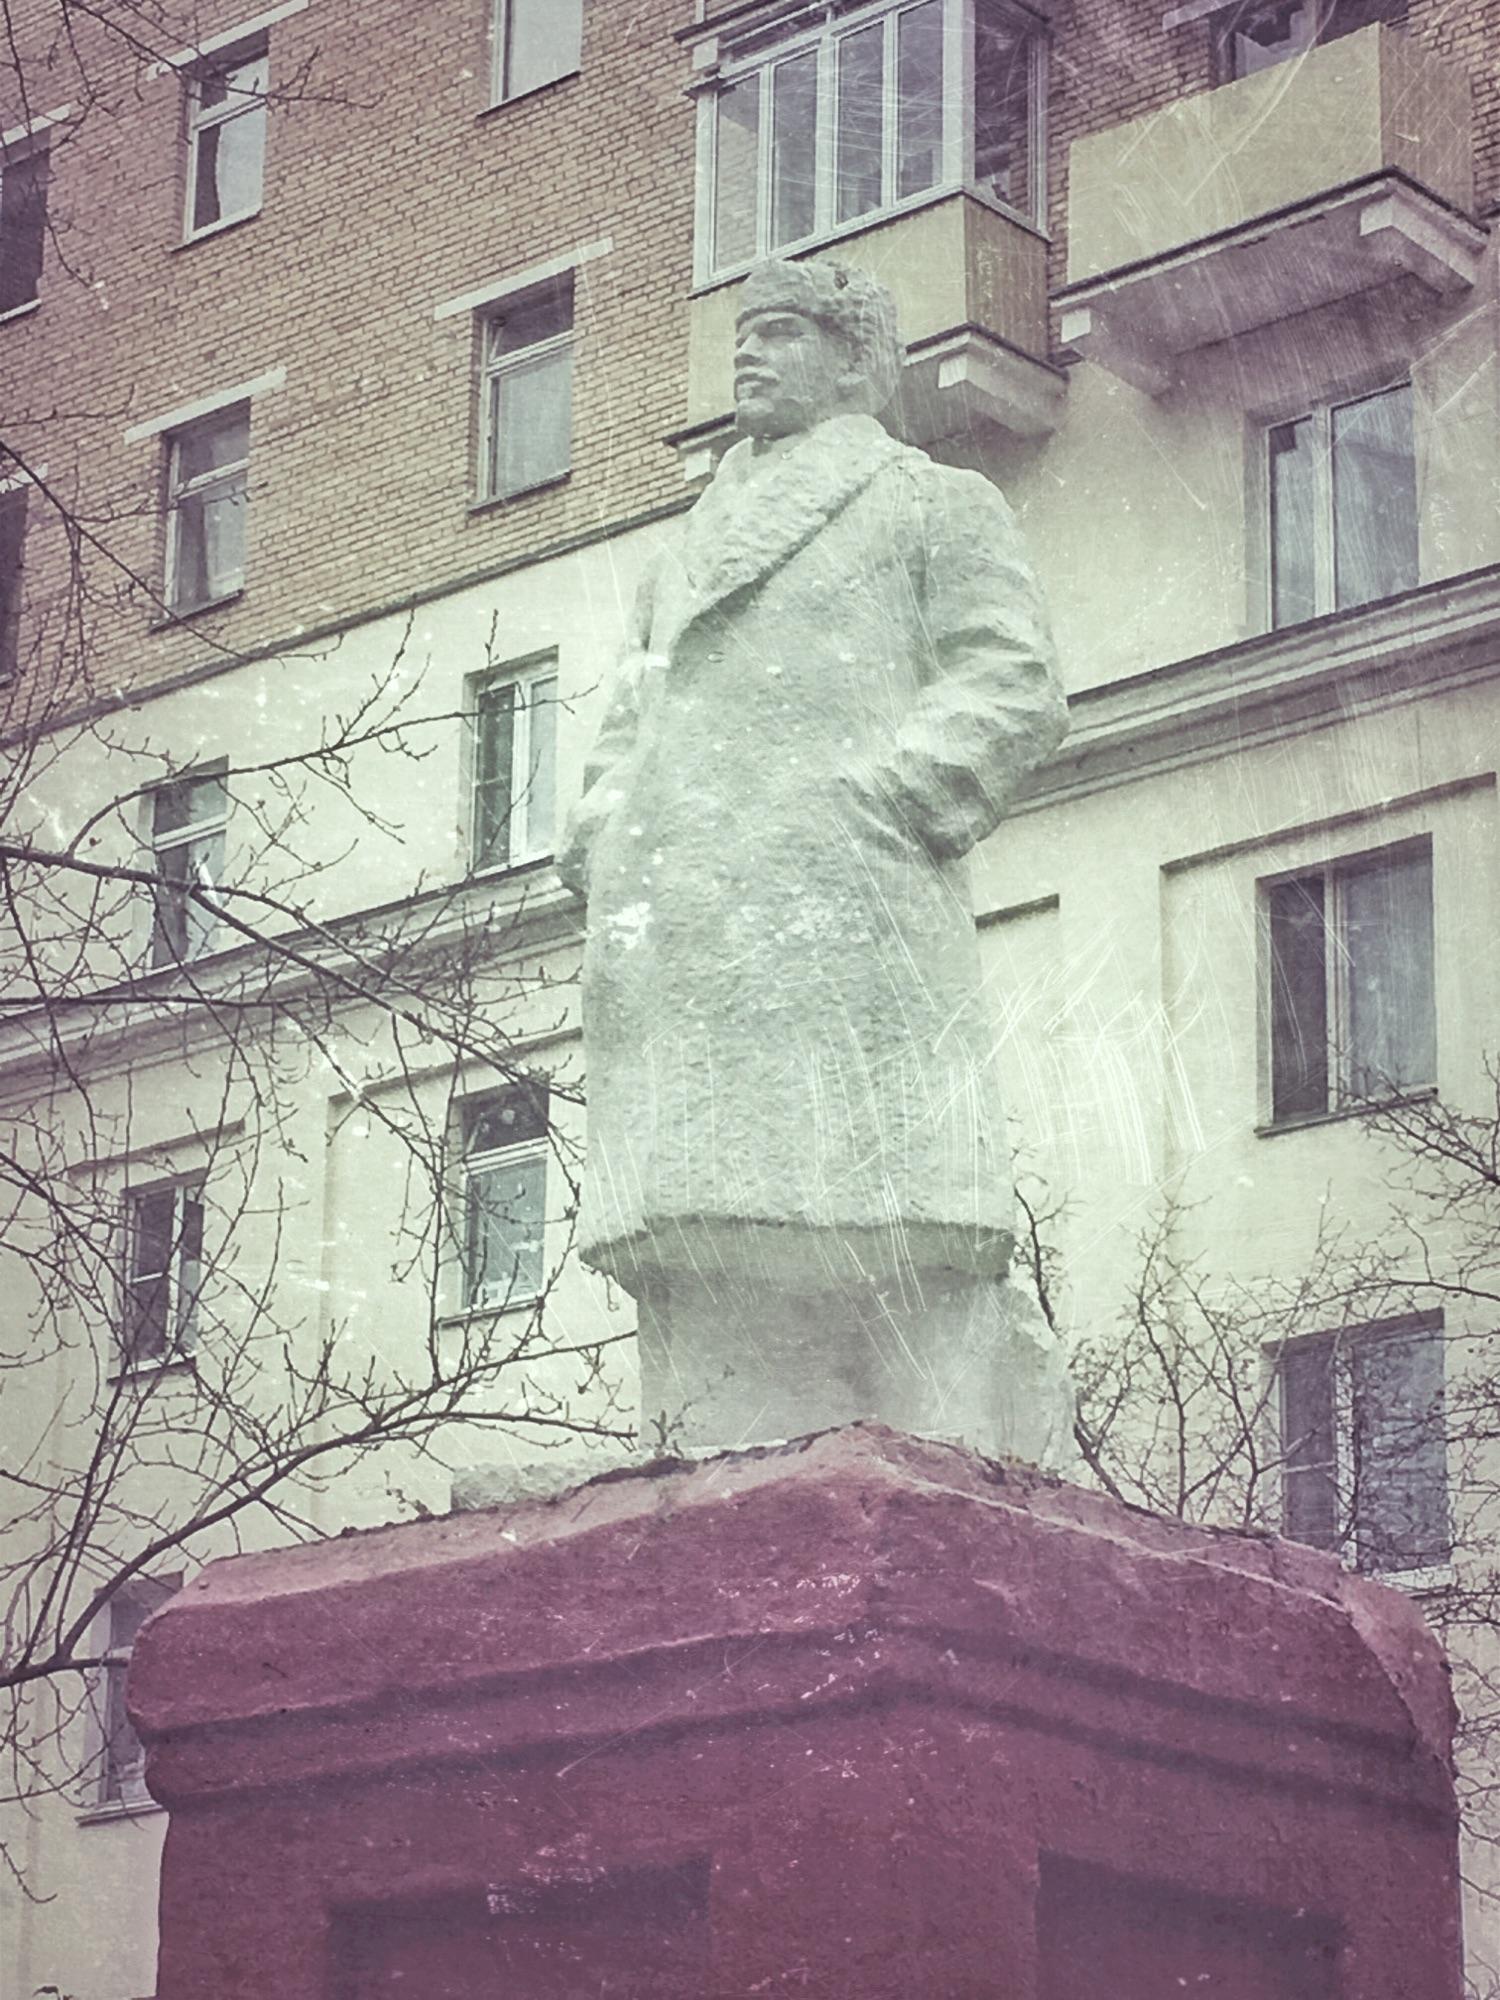 В Москве на этой неделе обещают морозы,в Ростове Великом сегодня было -30. Дедушка уже утеплился.